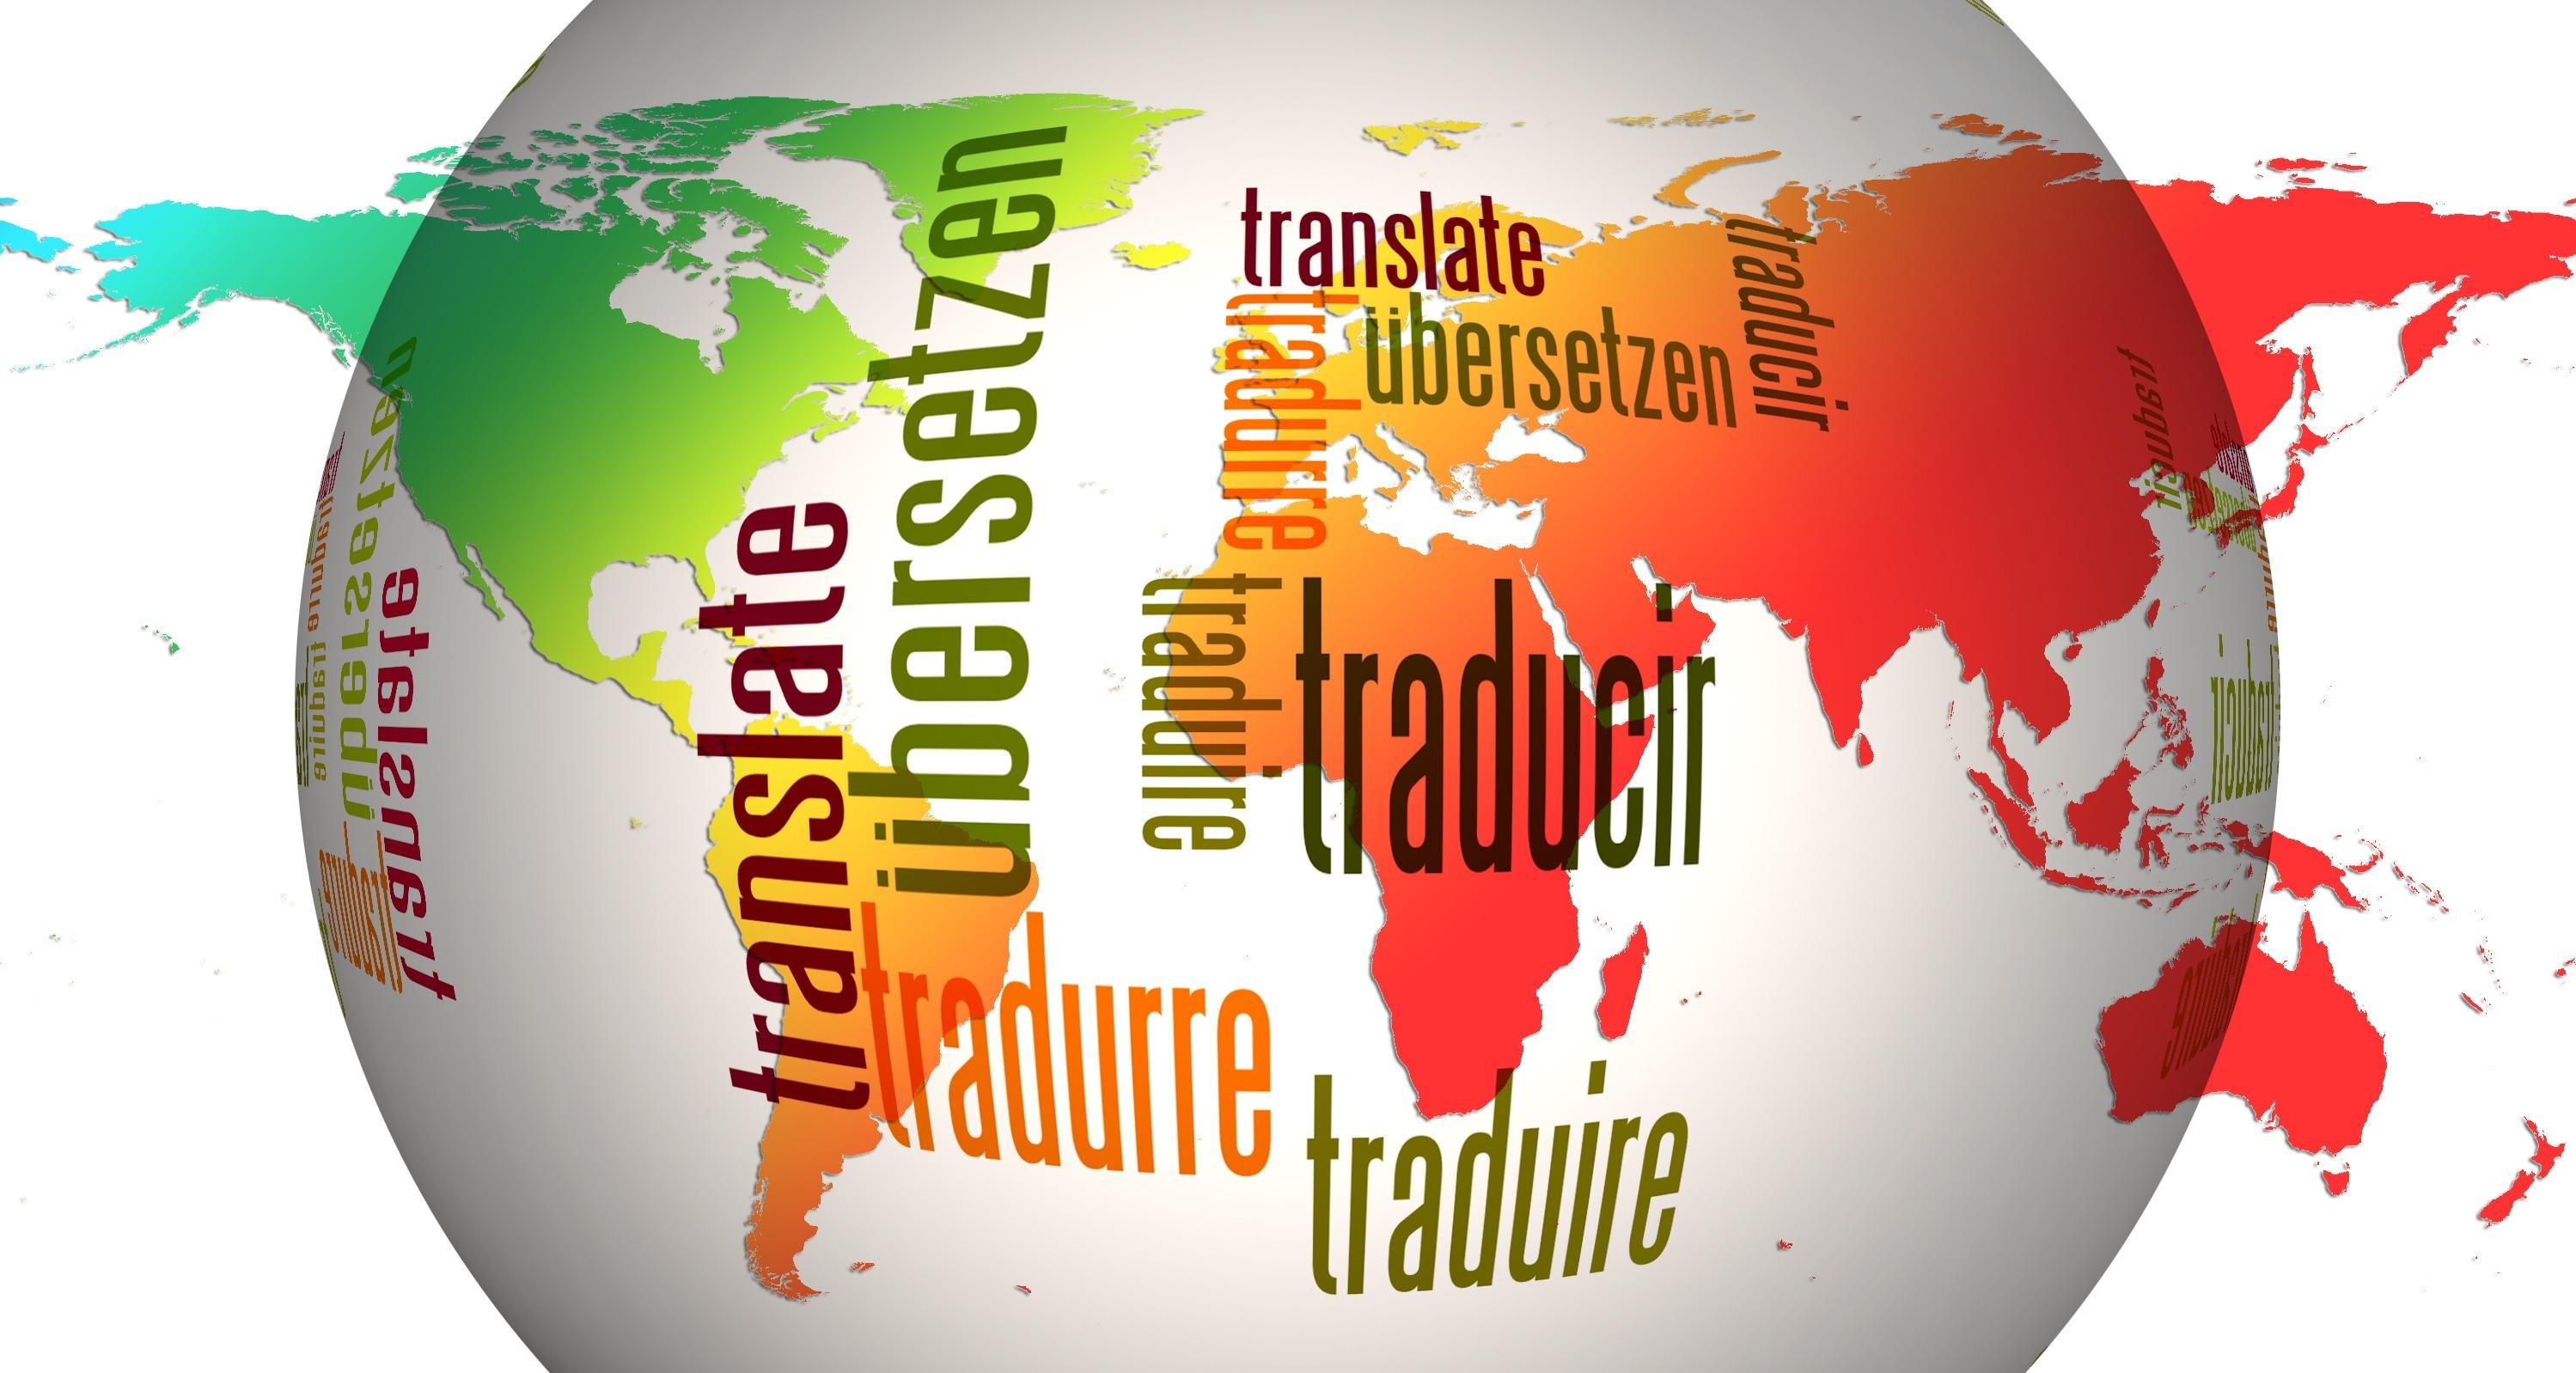 Translate a webpage